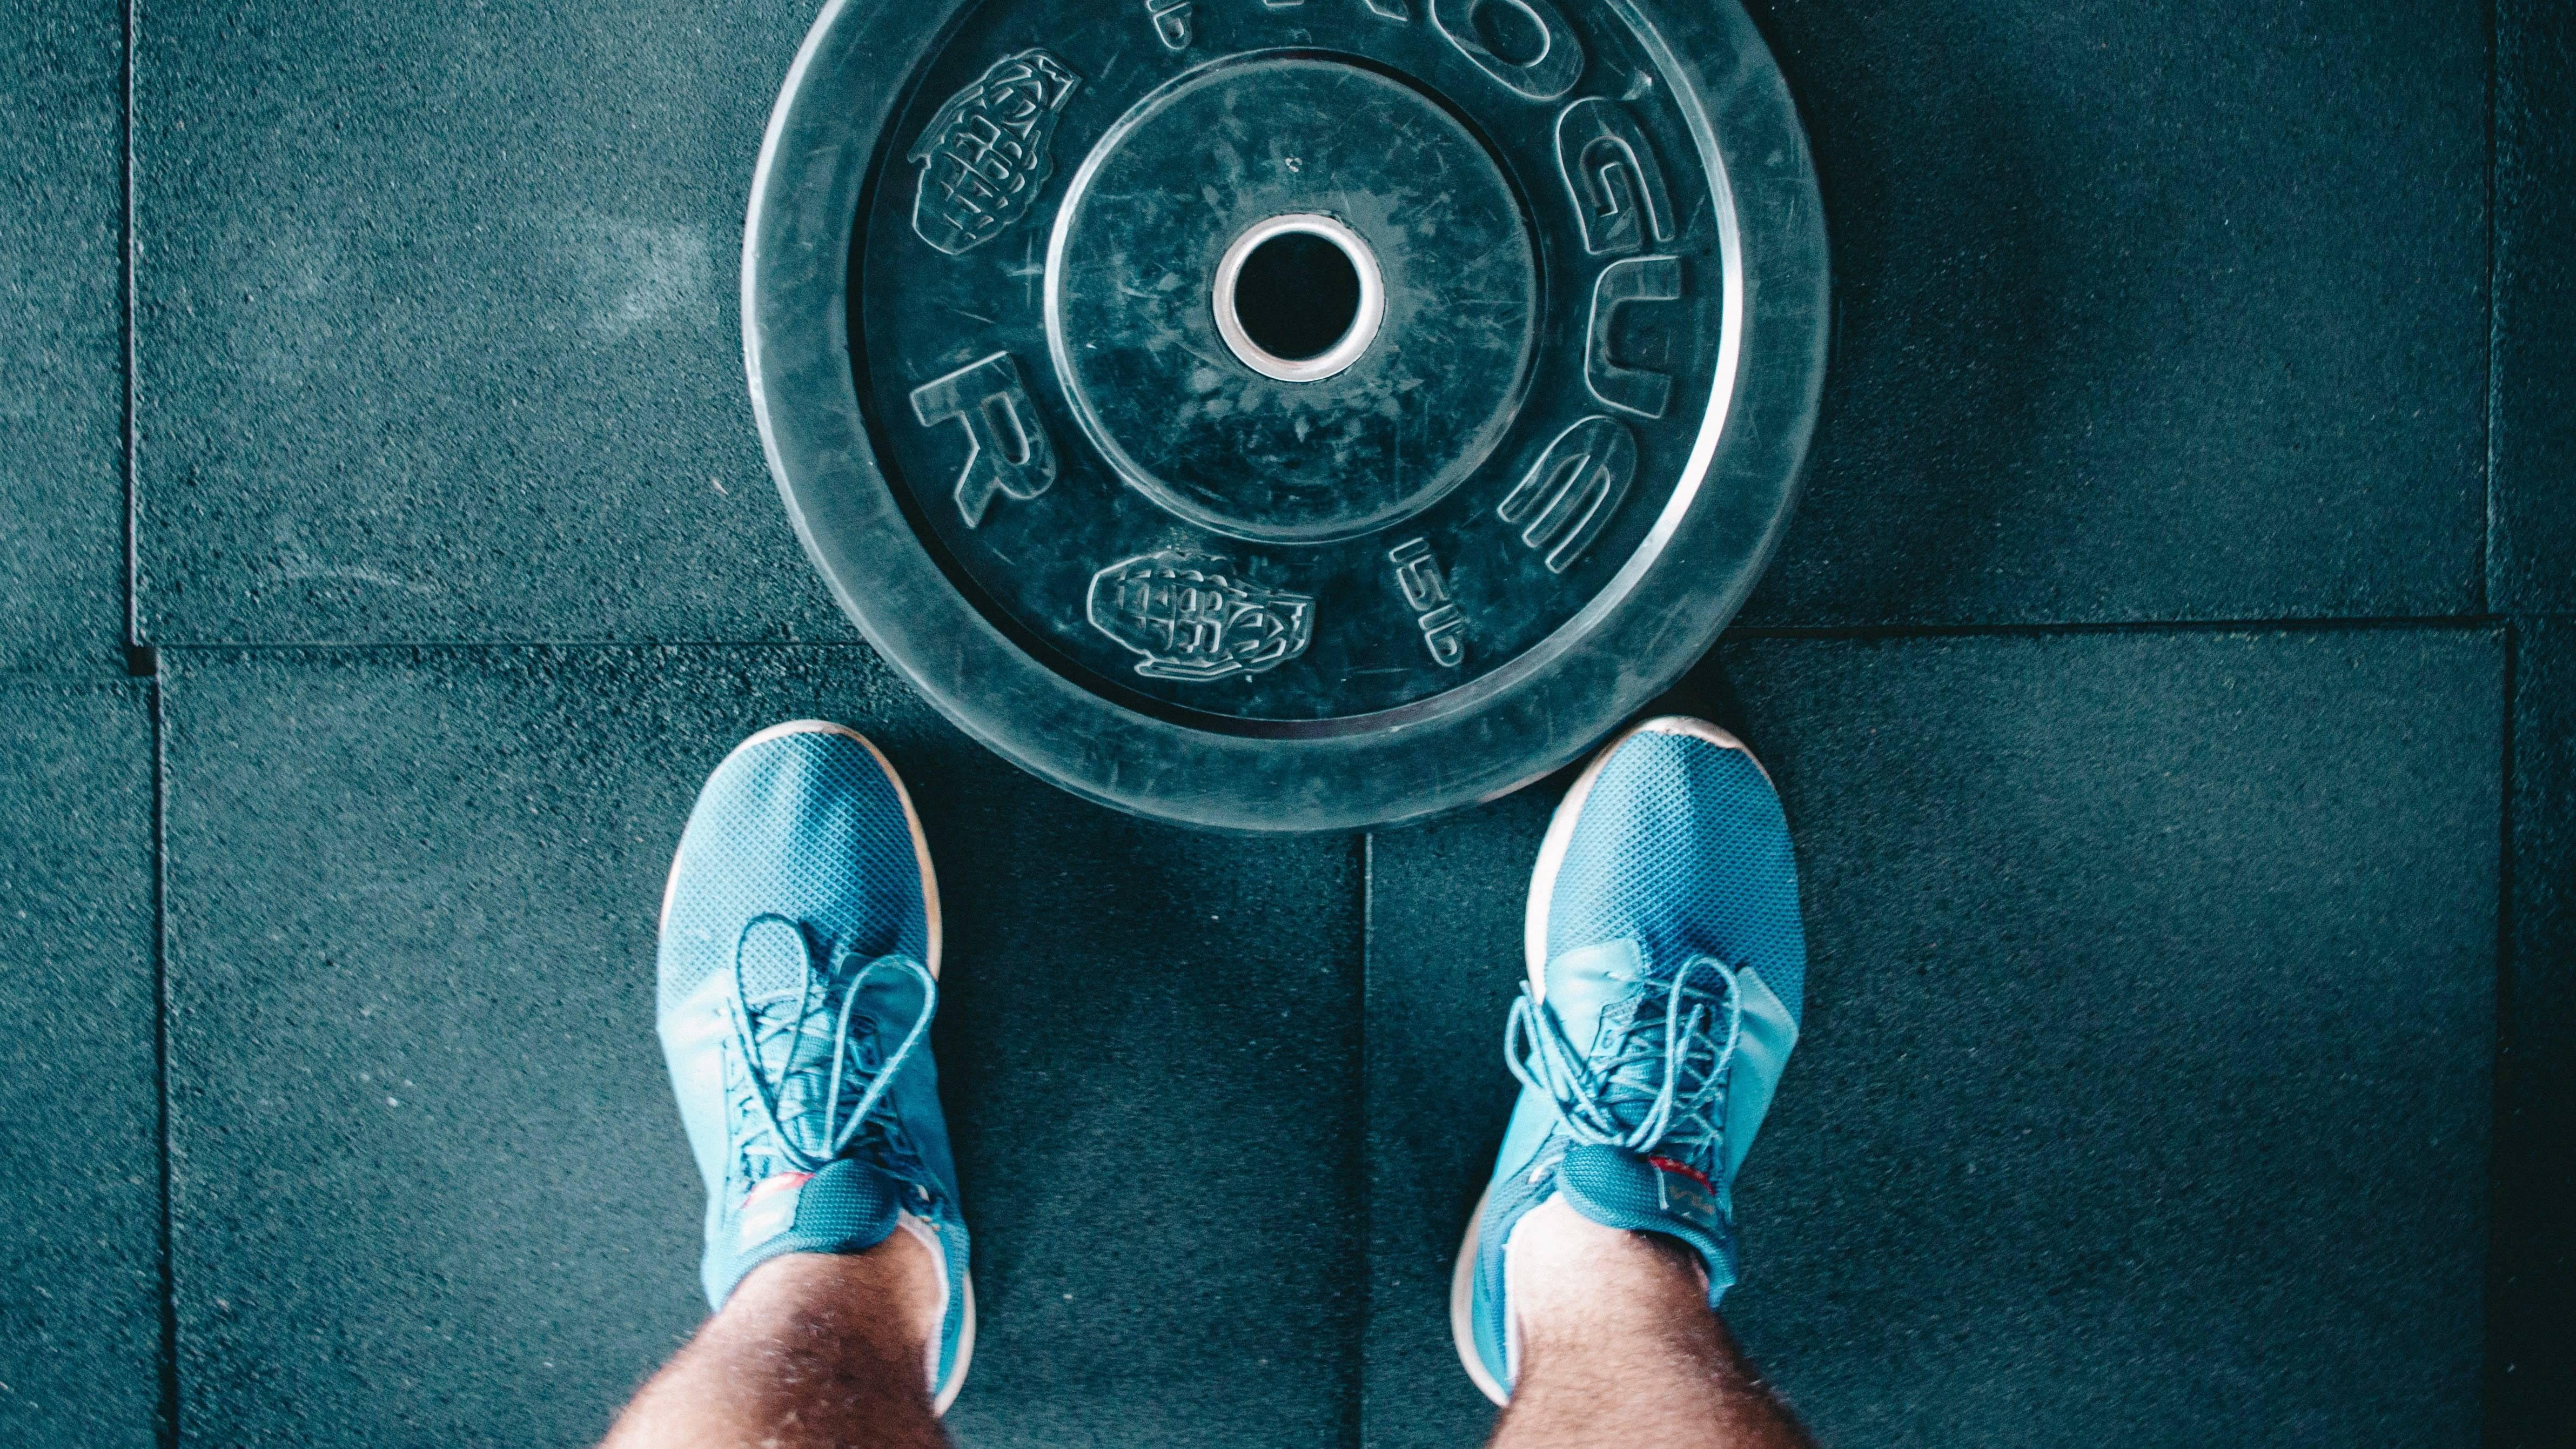 etiquette exercise fitness gym-etiquette politeness social-gps vitals